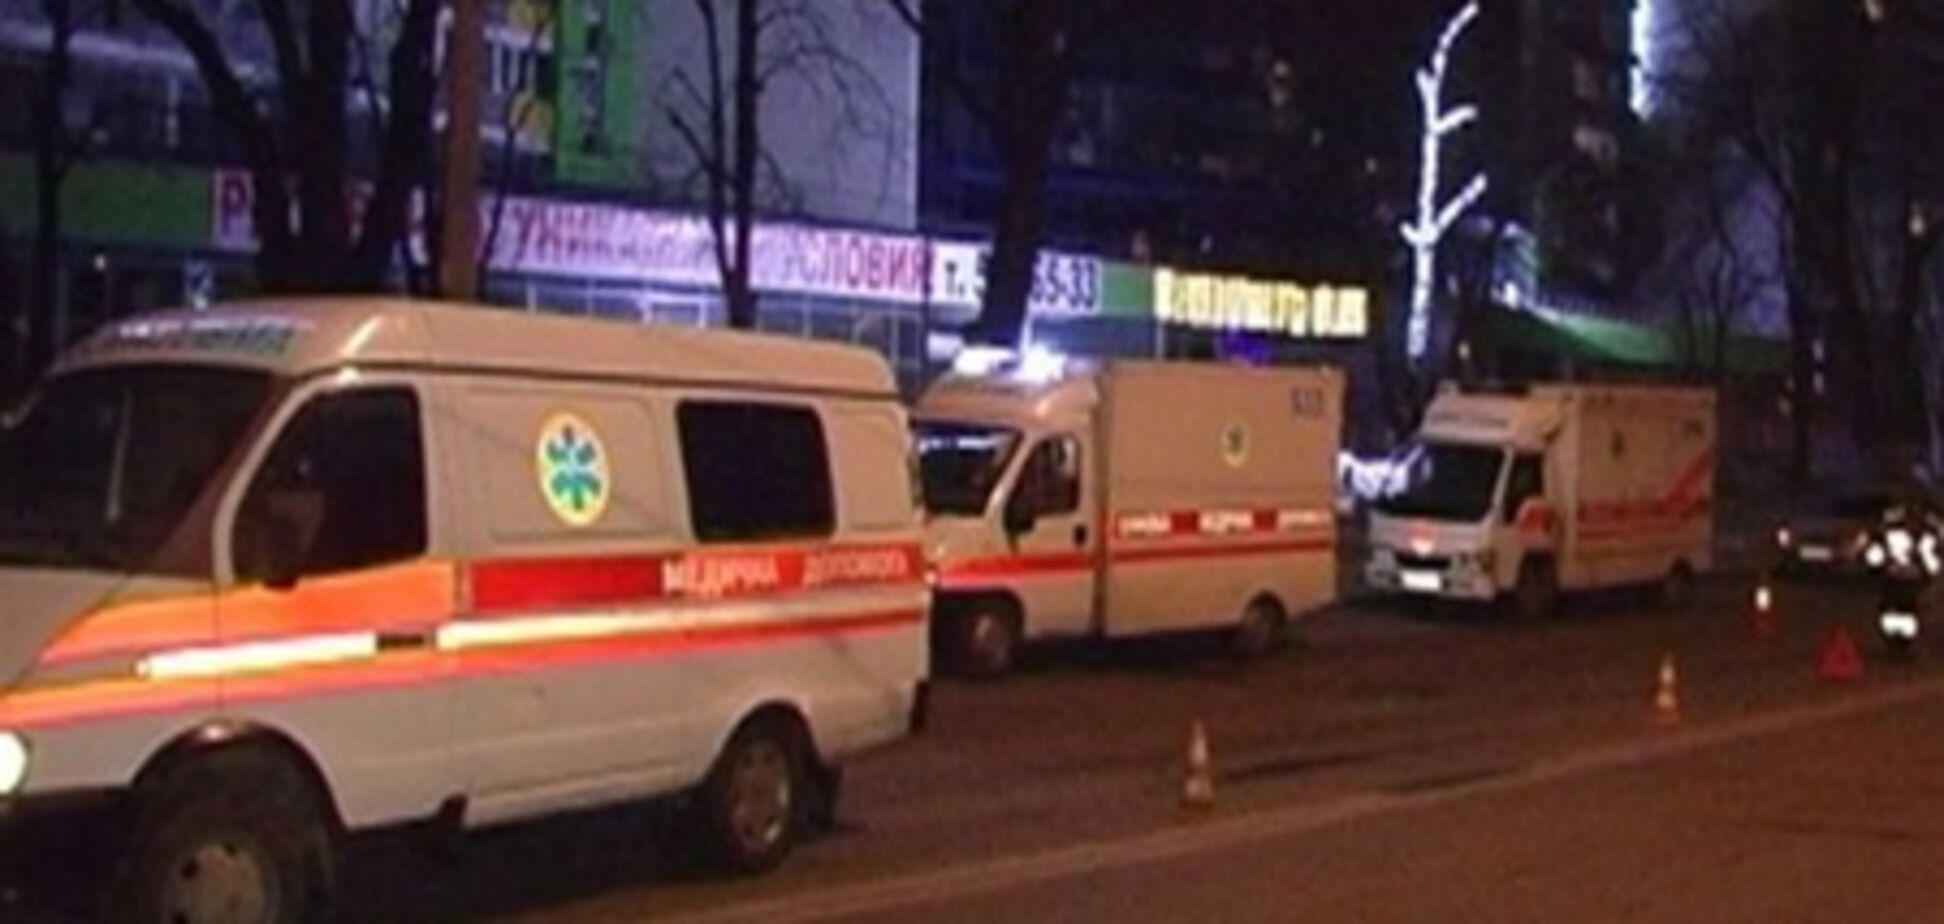 Скорая помощь насмерть сбила пешехода